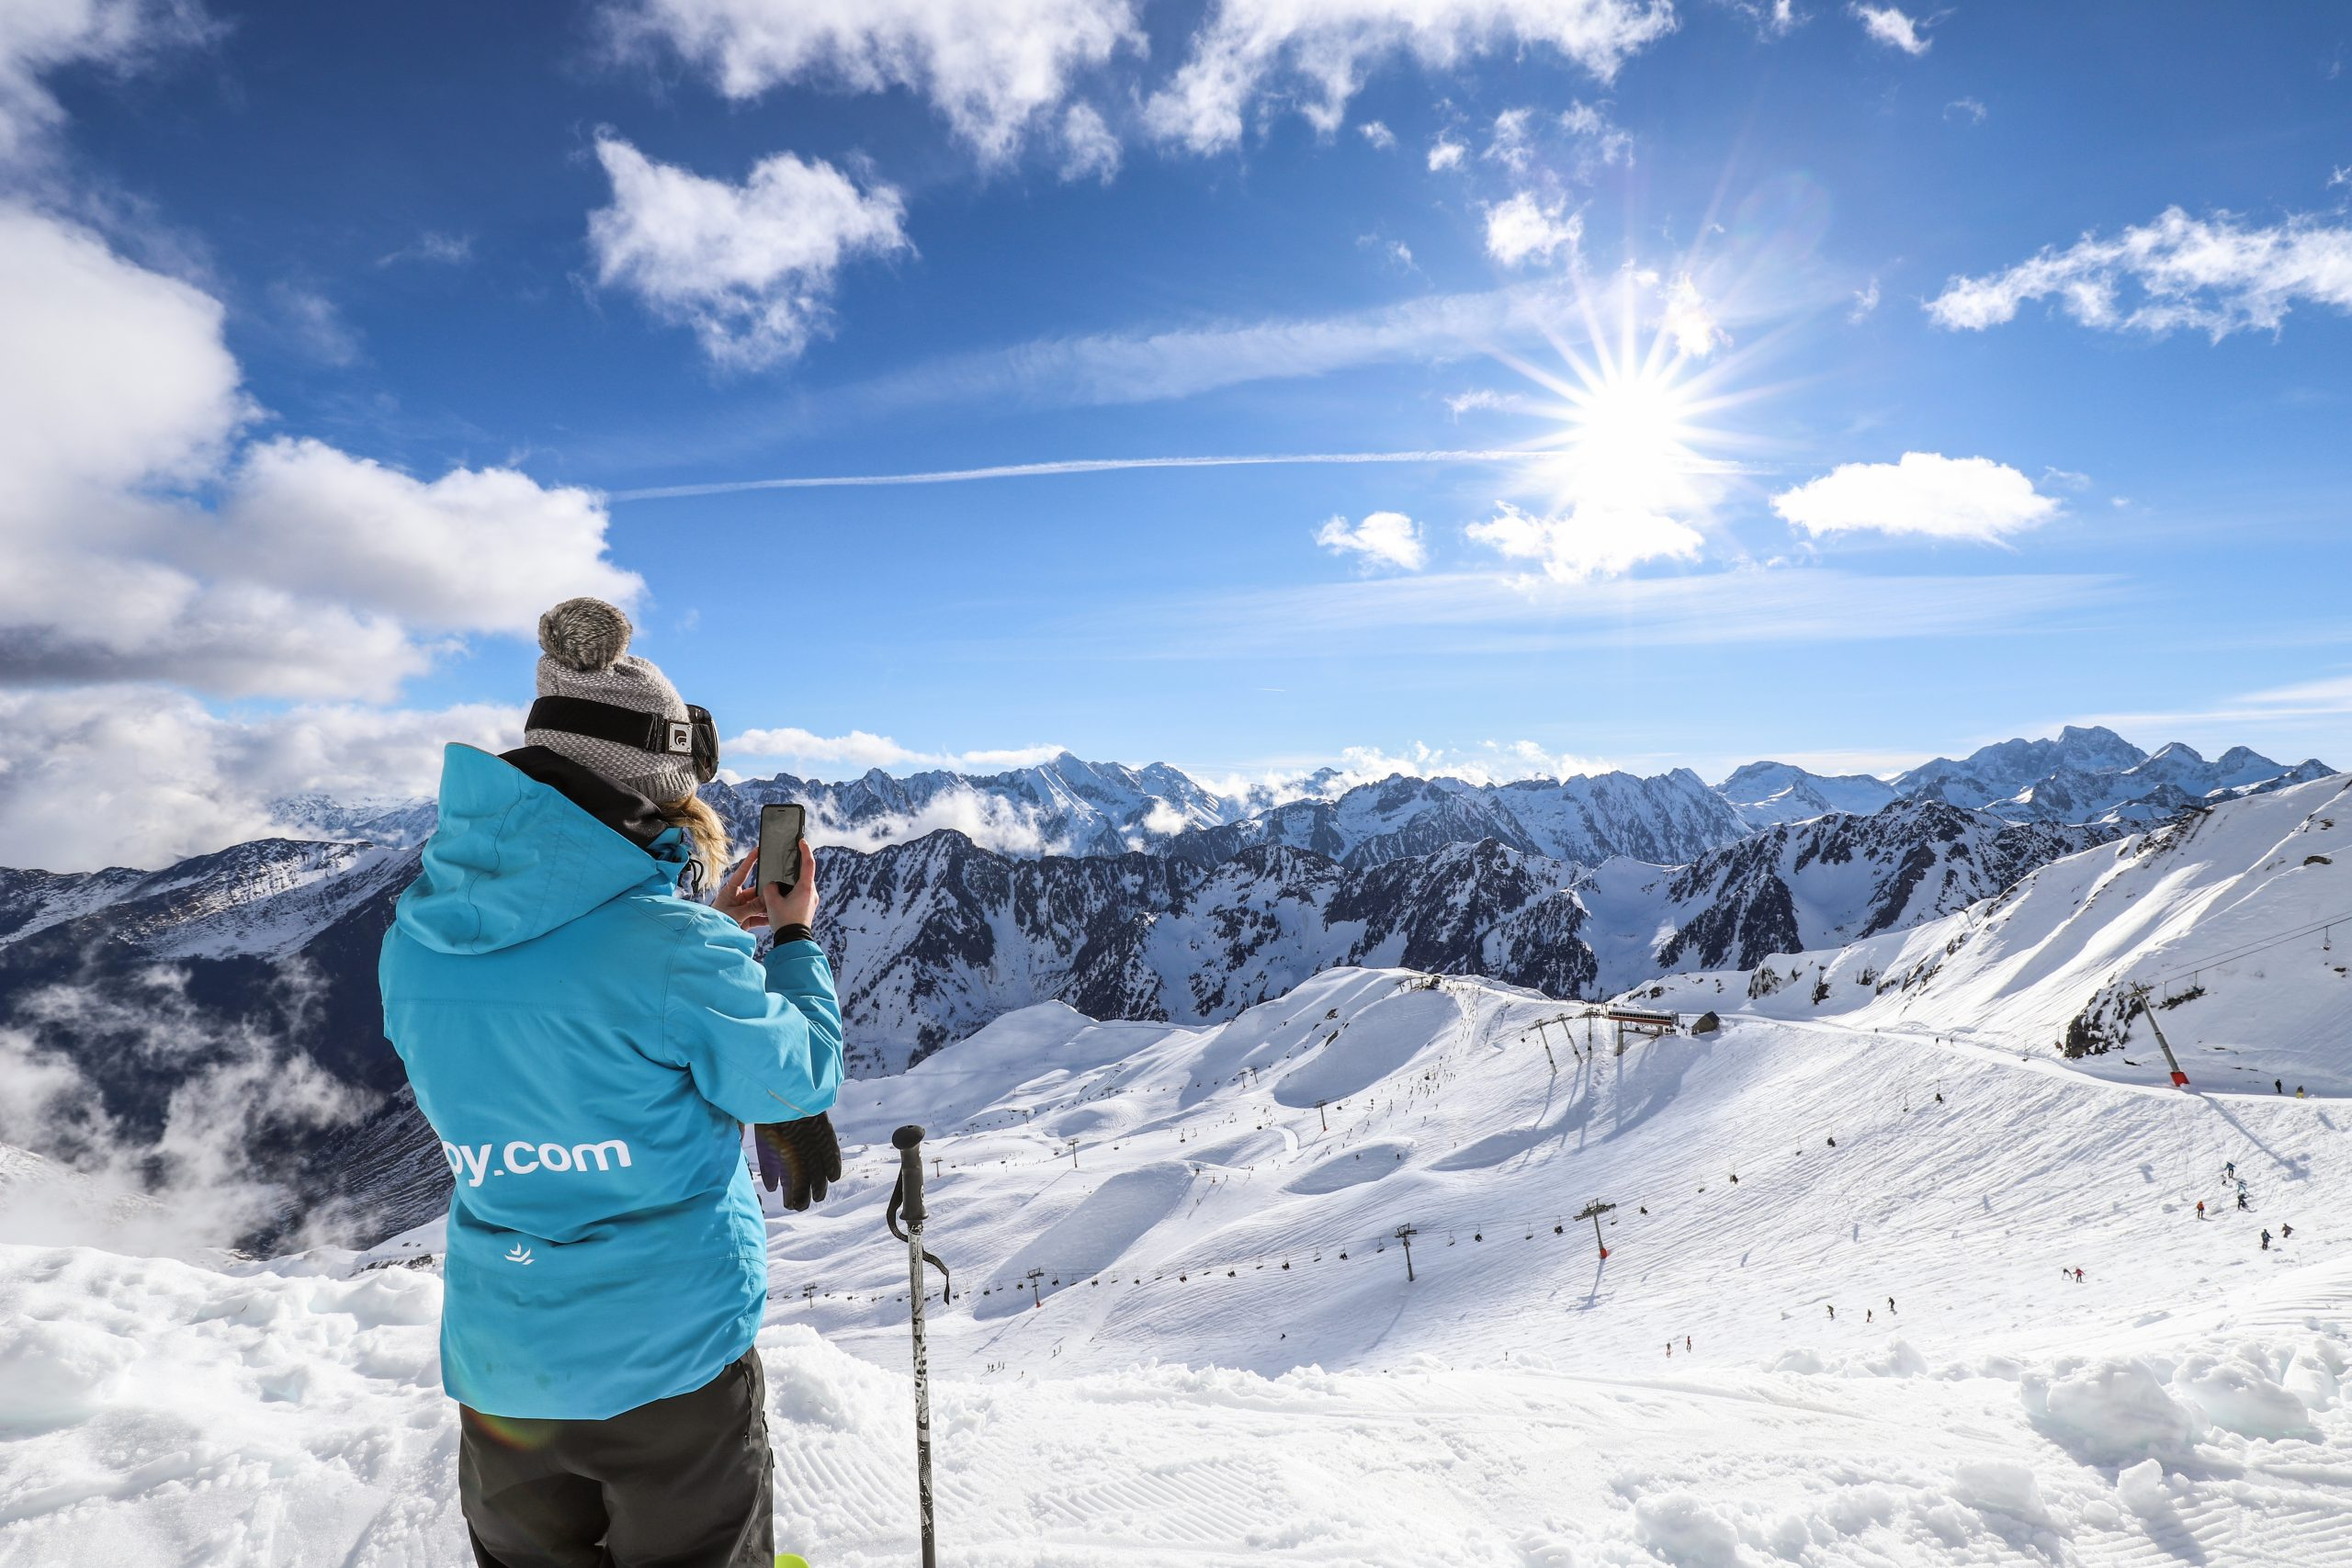 Station De Ski De Cauterets, Pyrénées Françaises